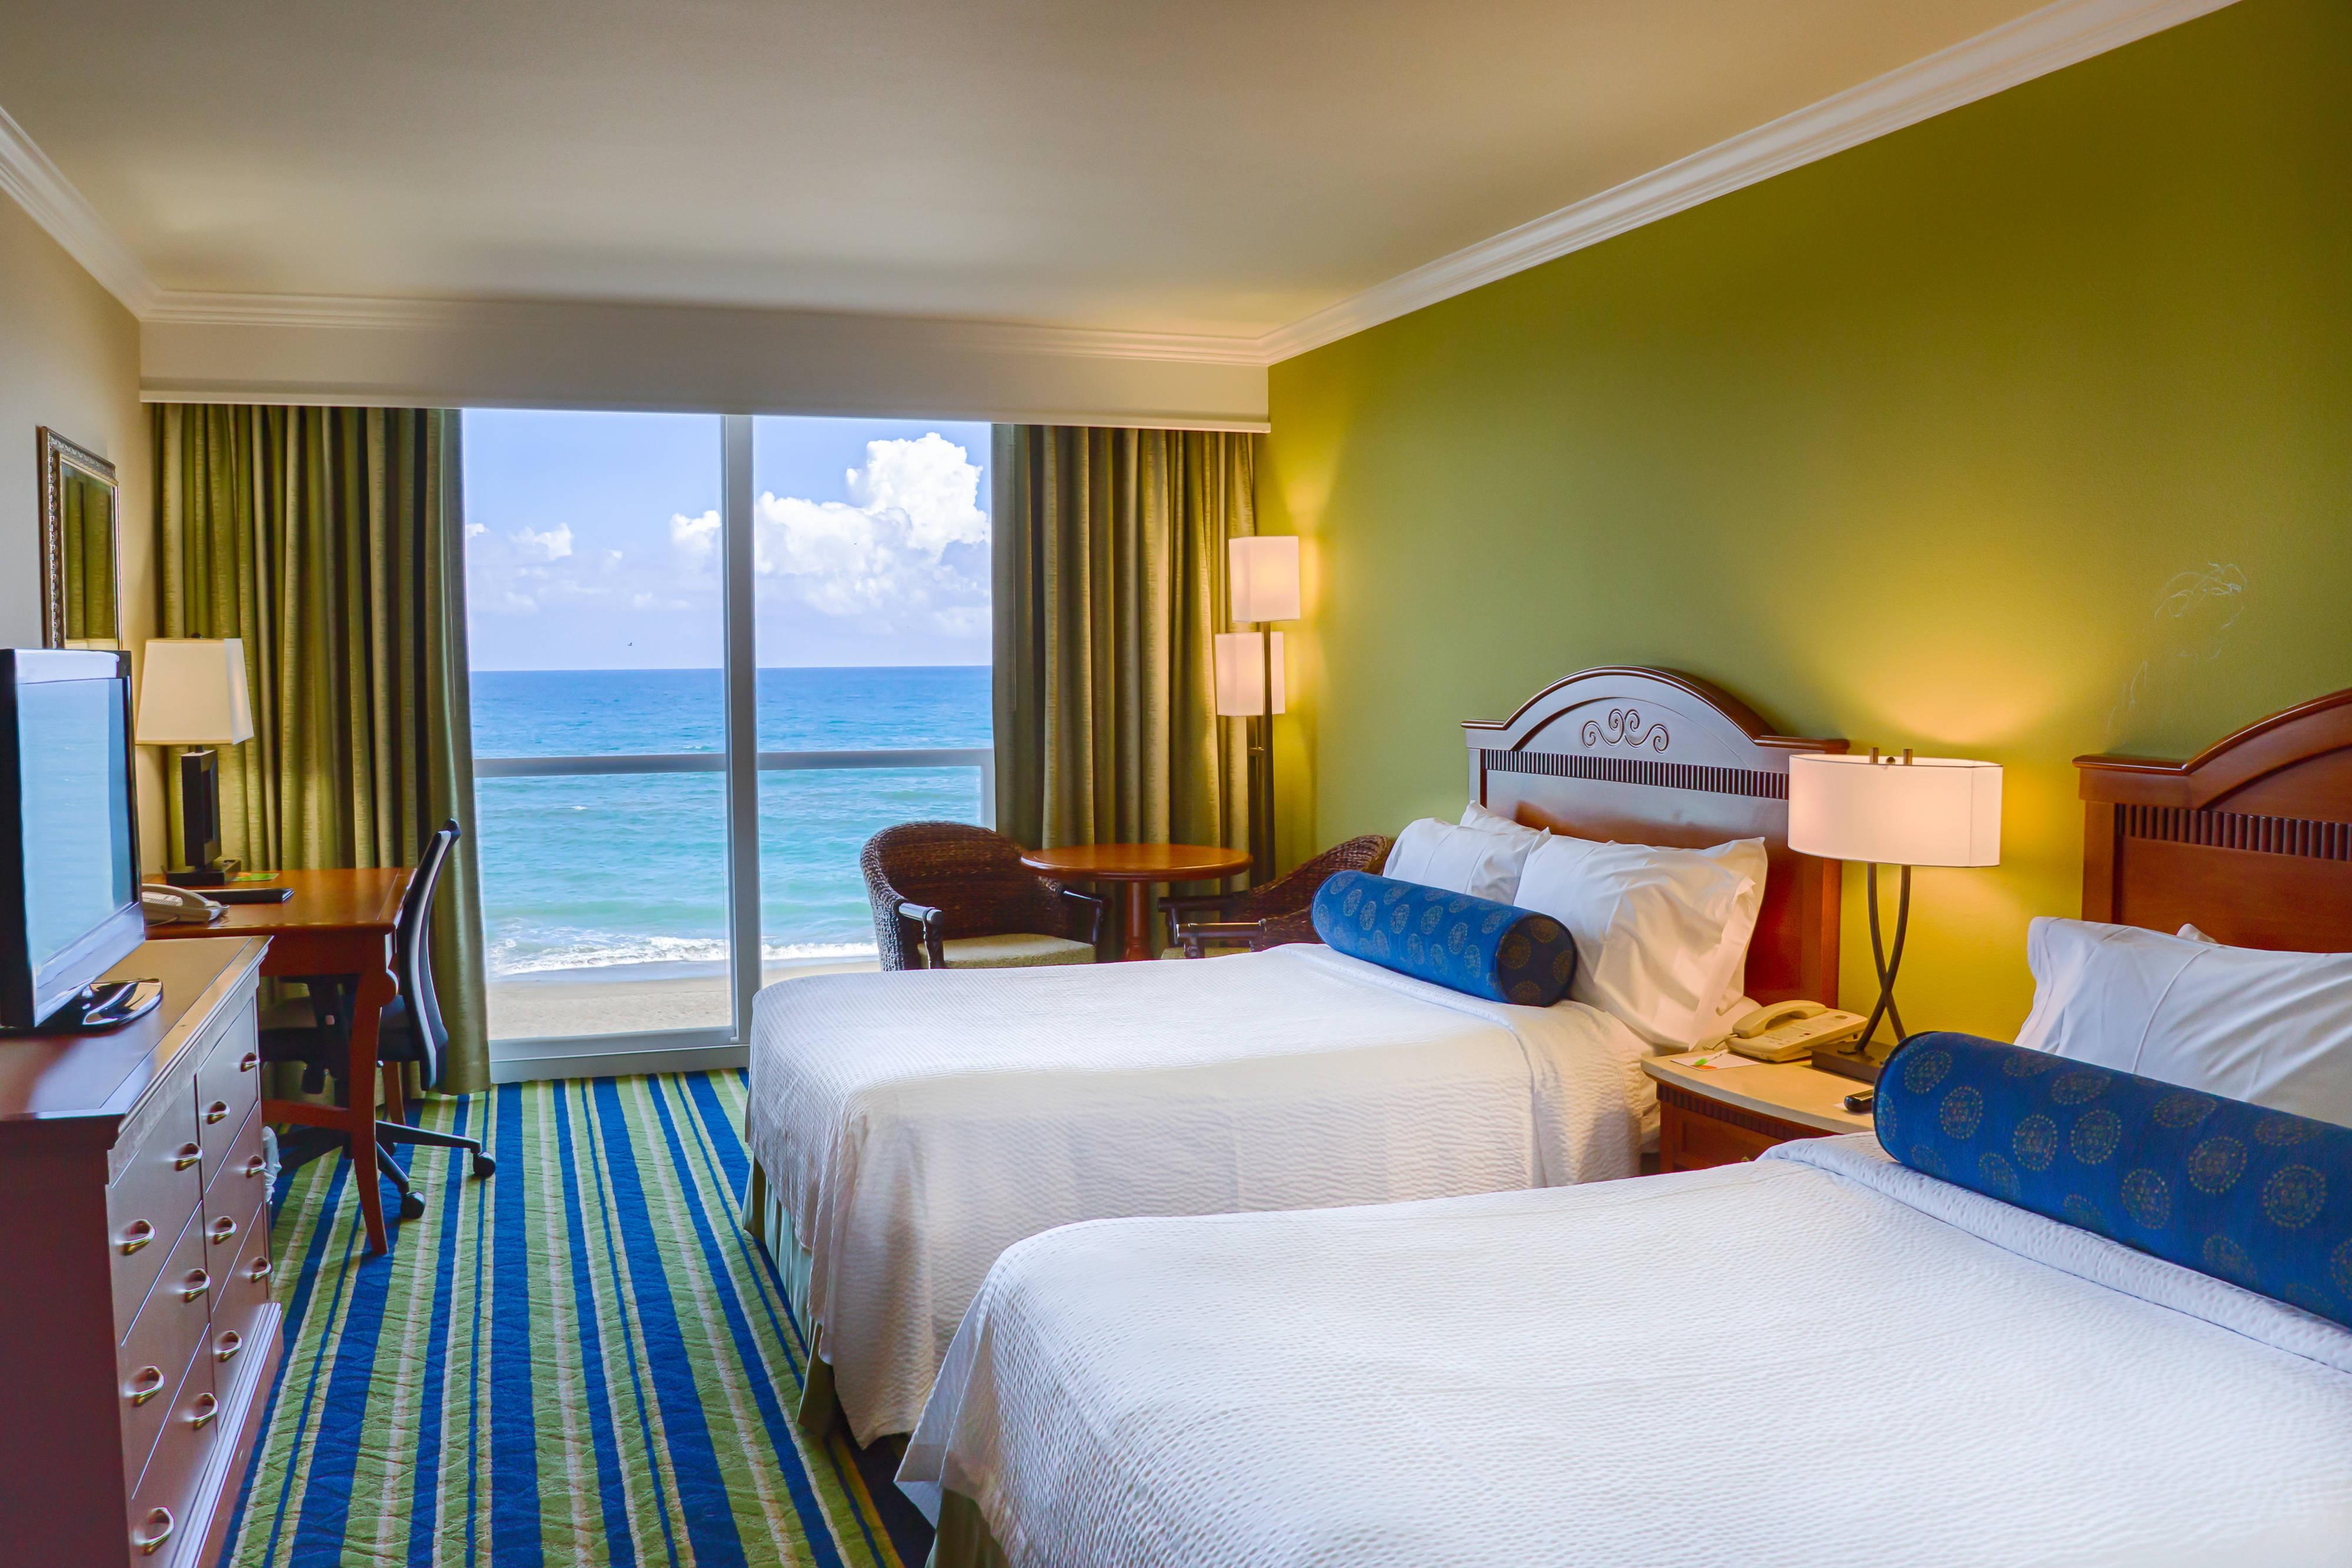 Chambre avec deux lits doubles et vue sur l'océan